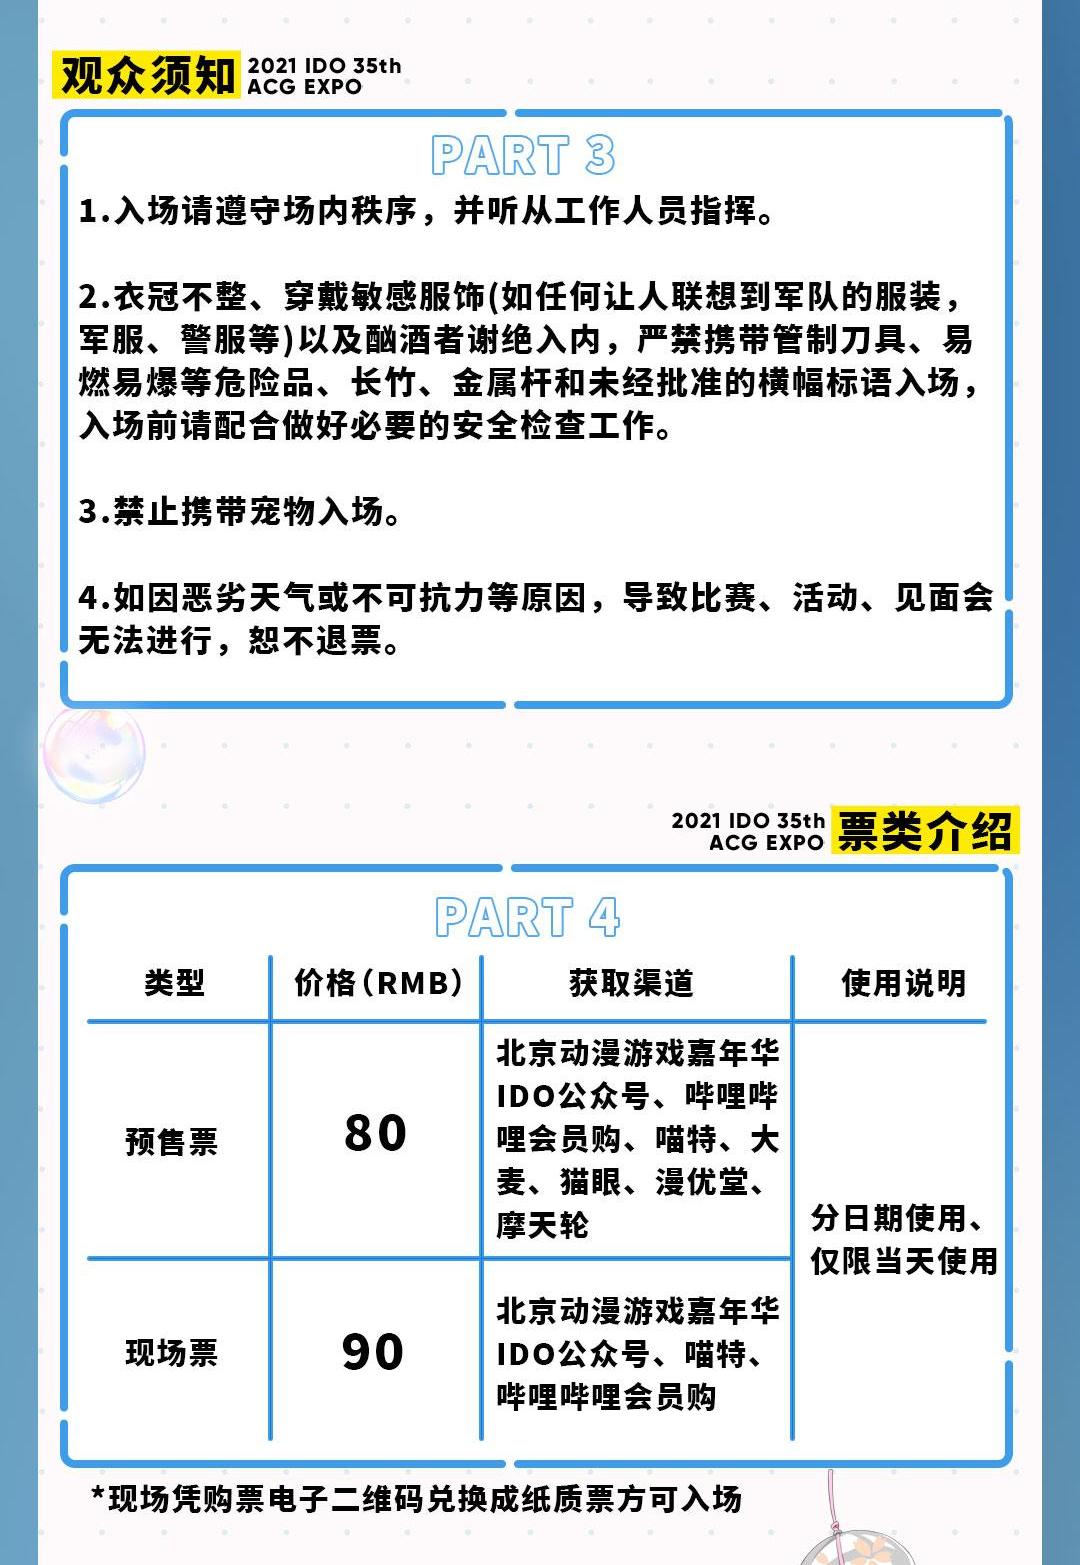 2021北京漫展情报 开展倒计时!IDO35展会总攻略情报全公开